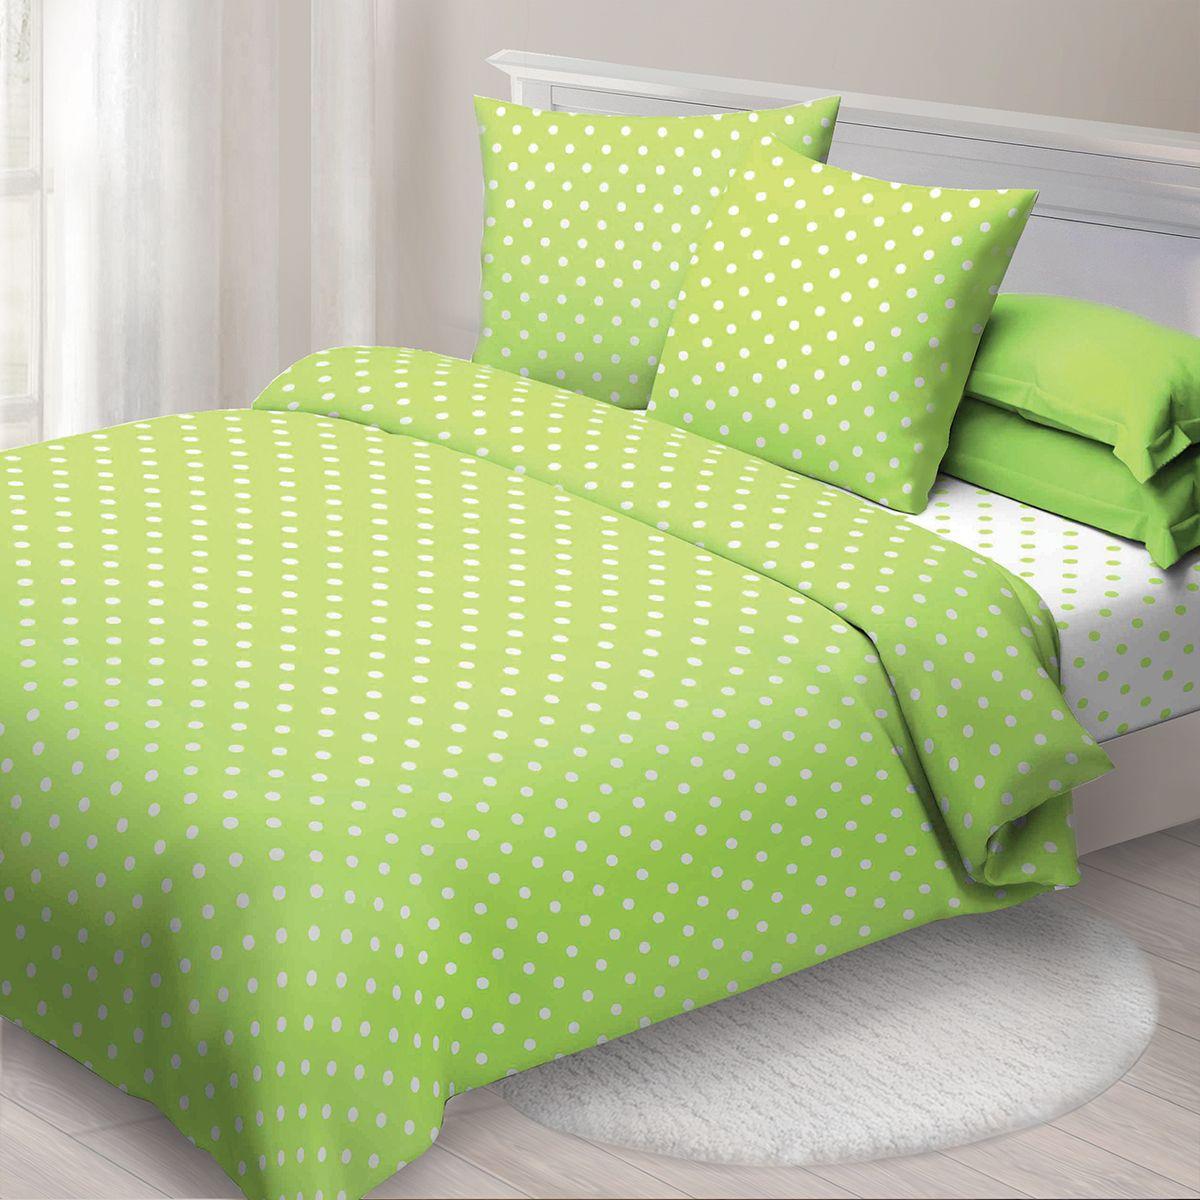 Комплект белья Спал Спалыч Бетти , 1,5 спальное, наволочки 70x70, цвет: зеленый. 4080-182437